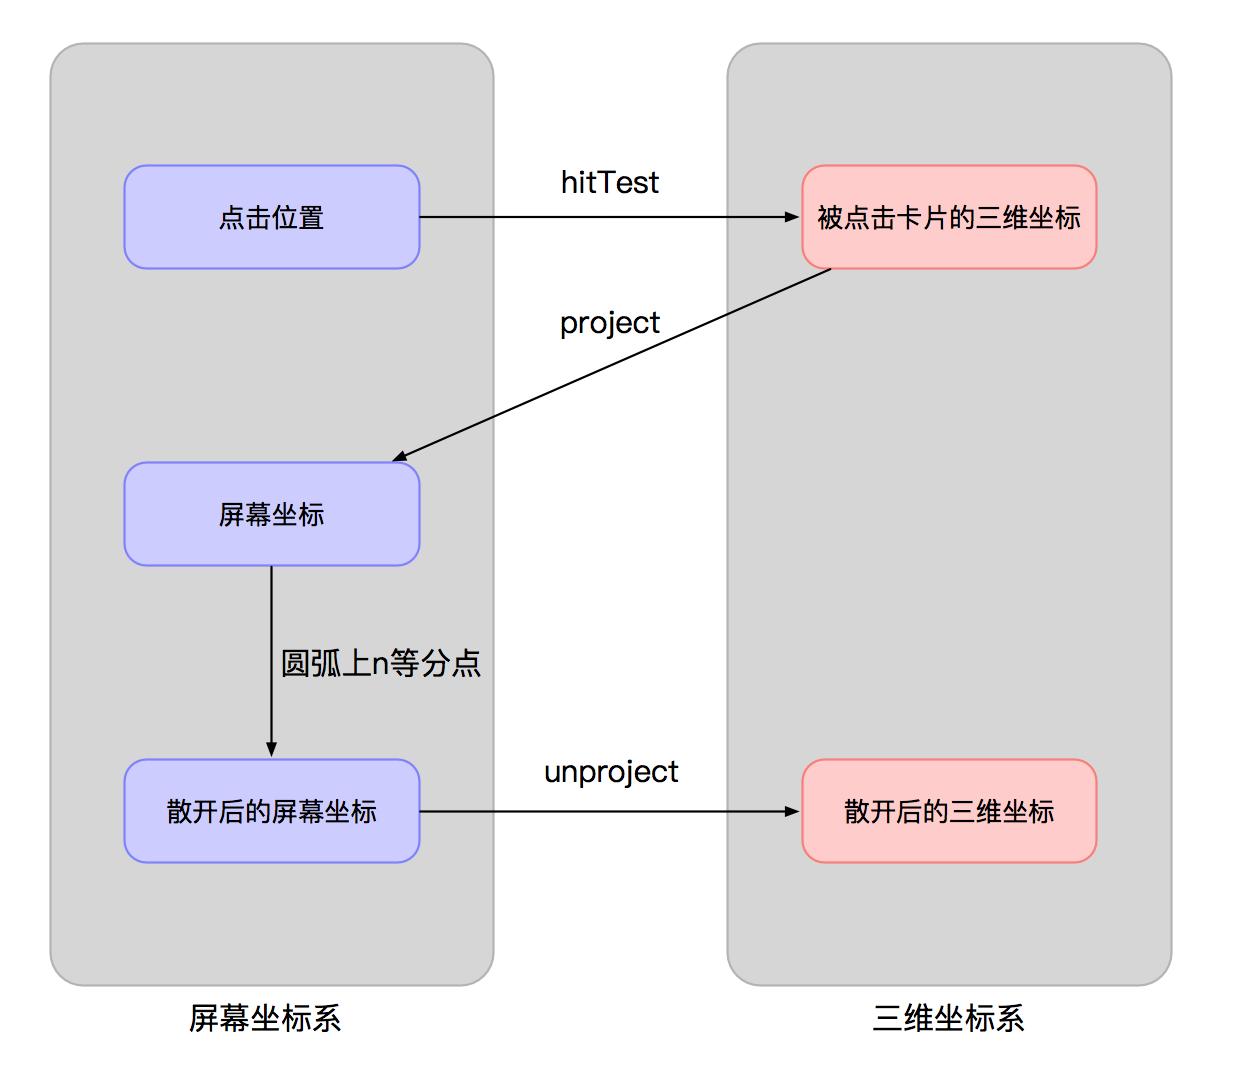 图11 投射过程